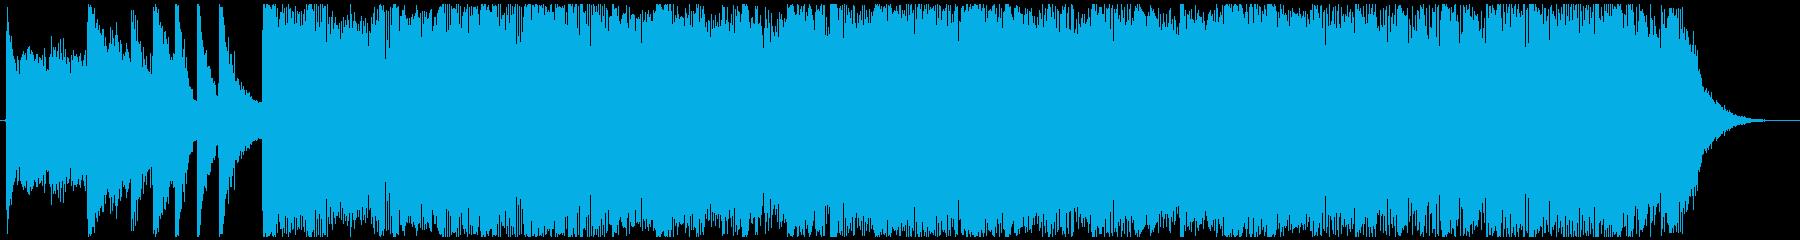 バイクで爆走したくなる洋楽風の曲-15秒の再生済みの波形